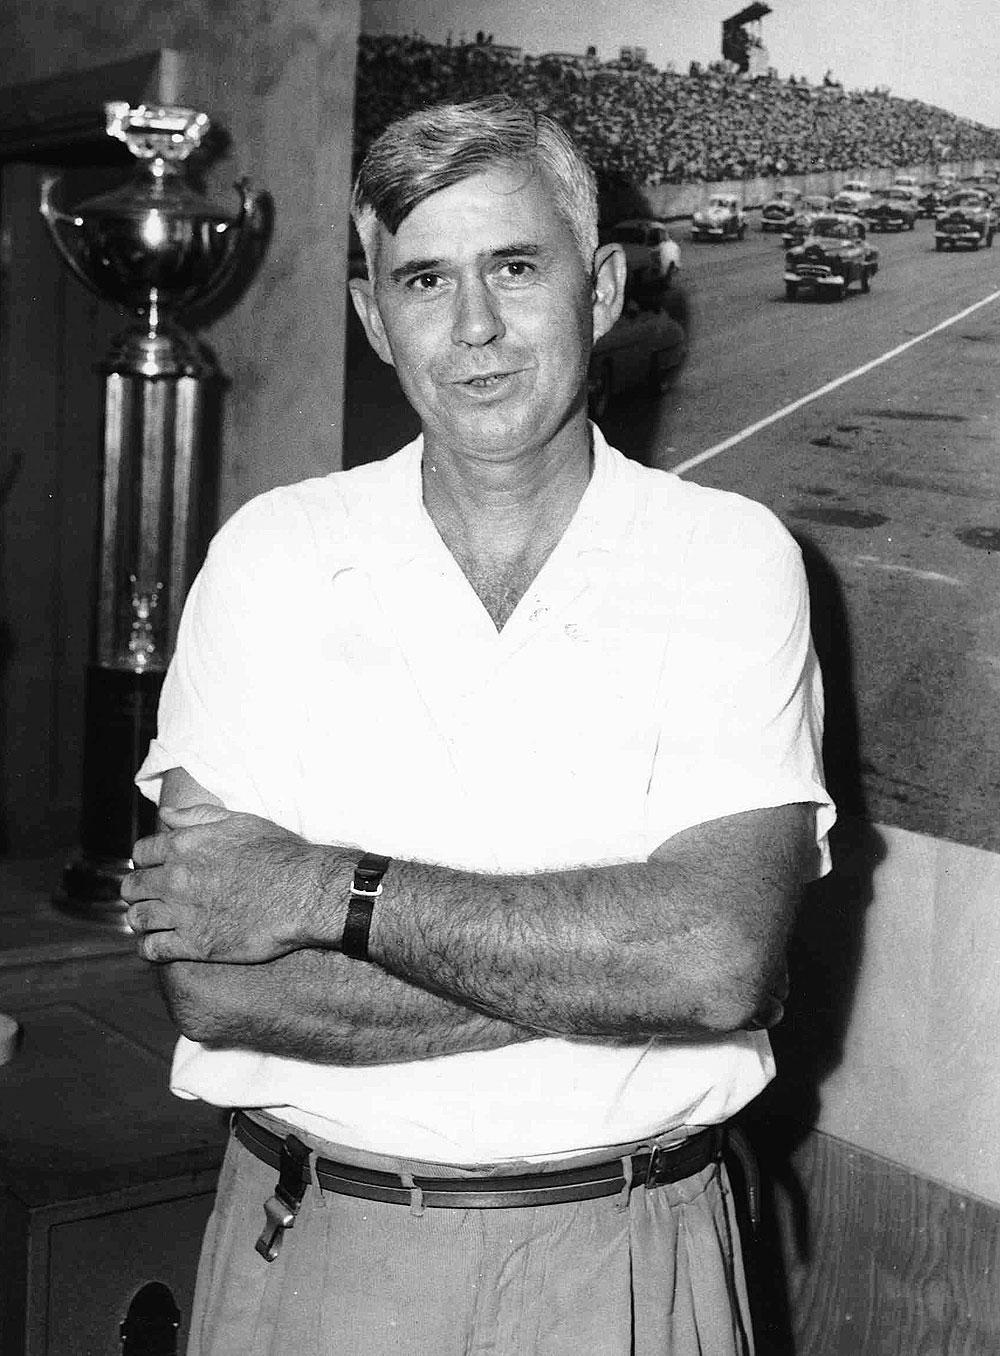 Harold Brasington